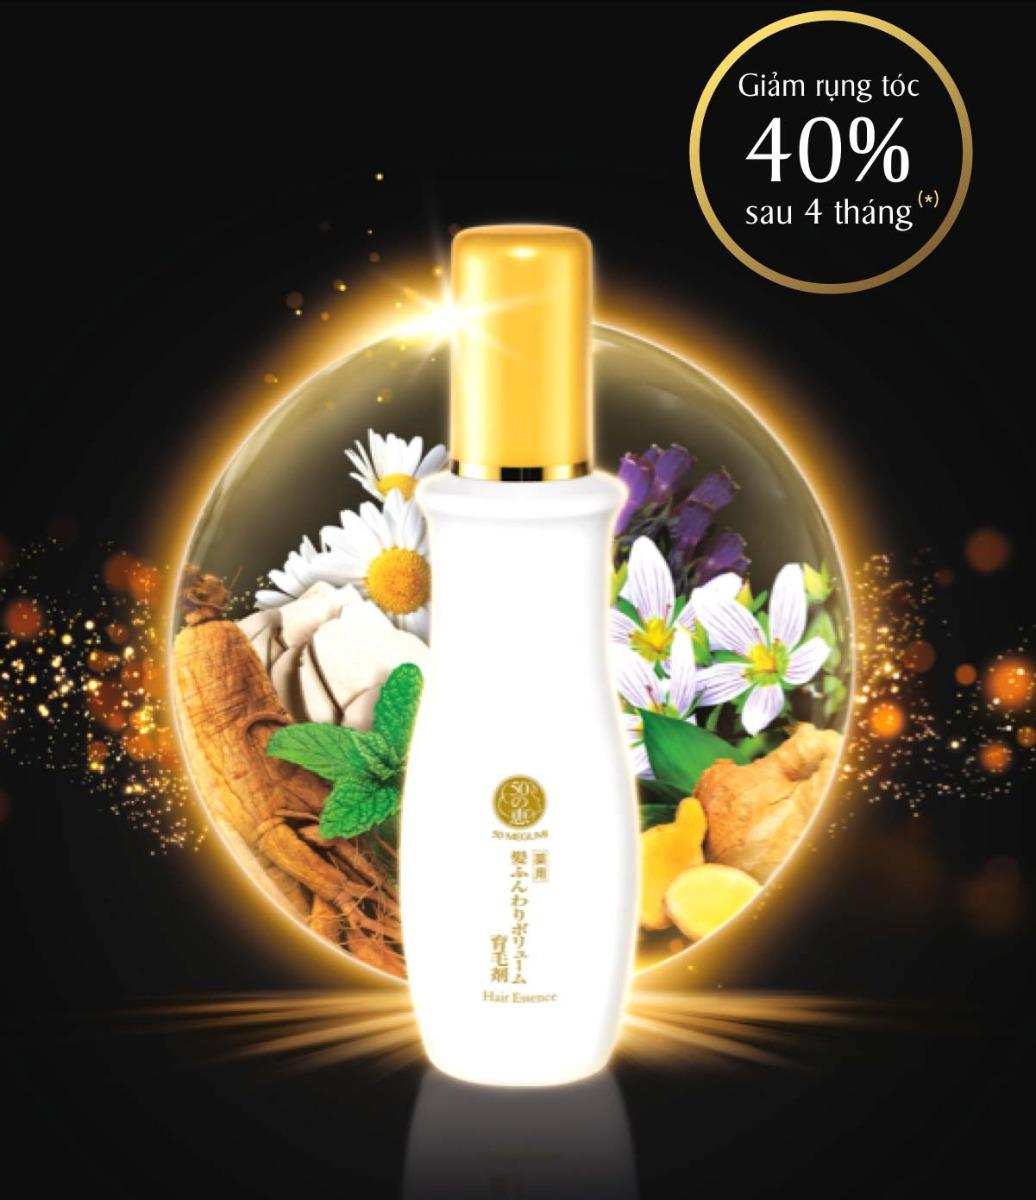 Tinh Chất 50 Megumi Hair Essence giúp tóc khỏe và giảm rụng 40% chỉ sau 4 tháng.